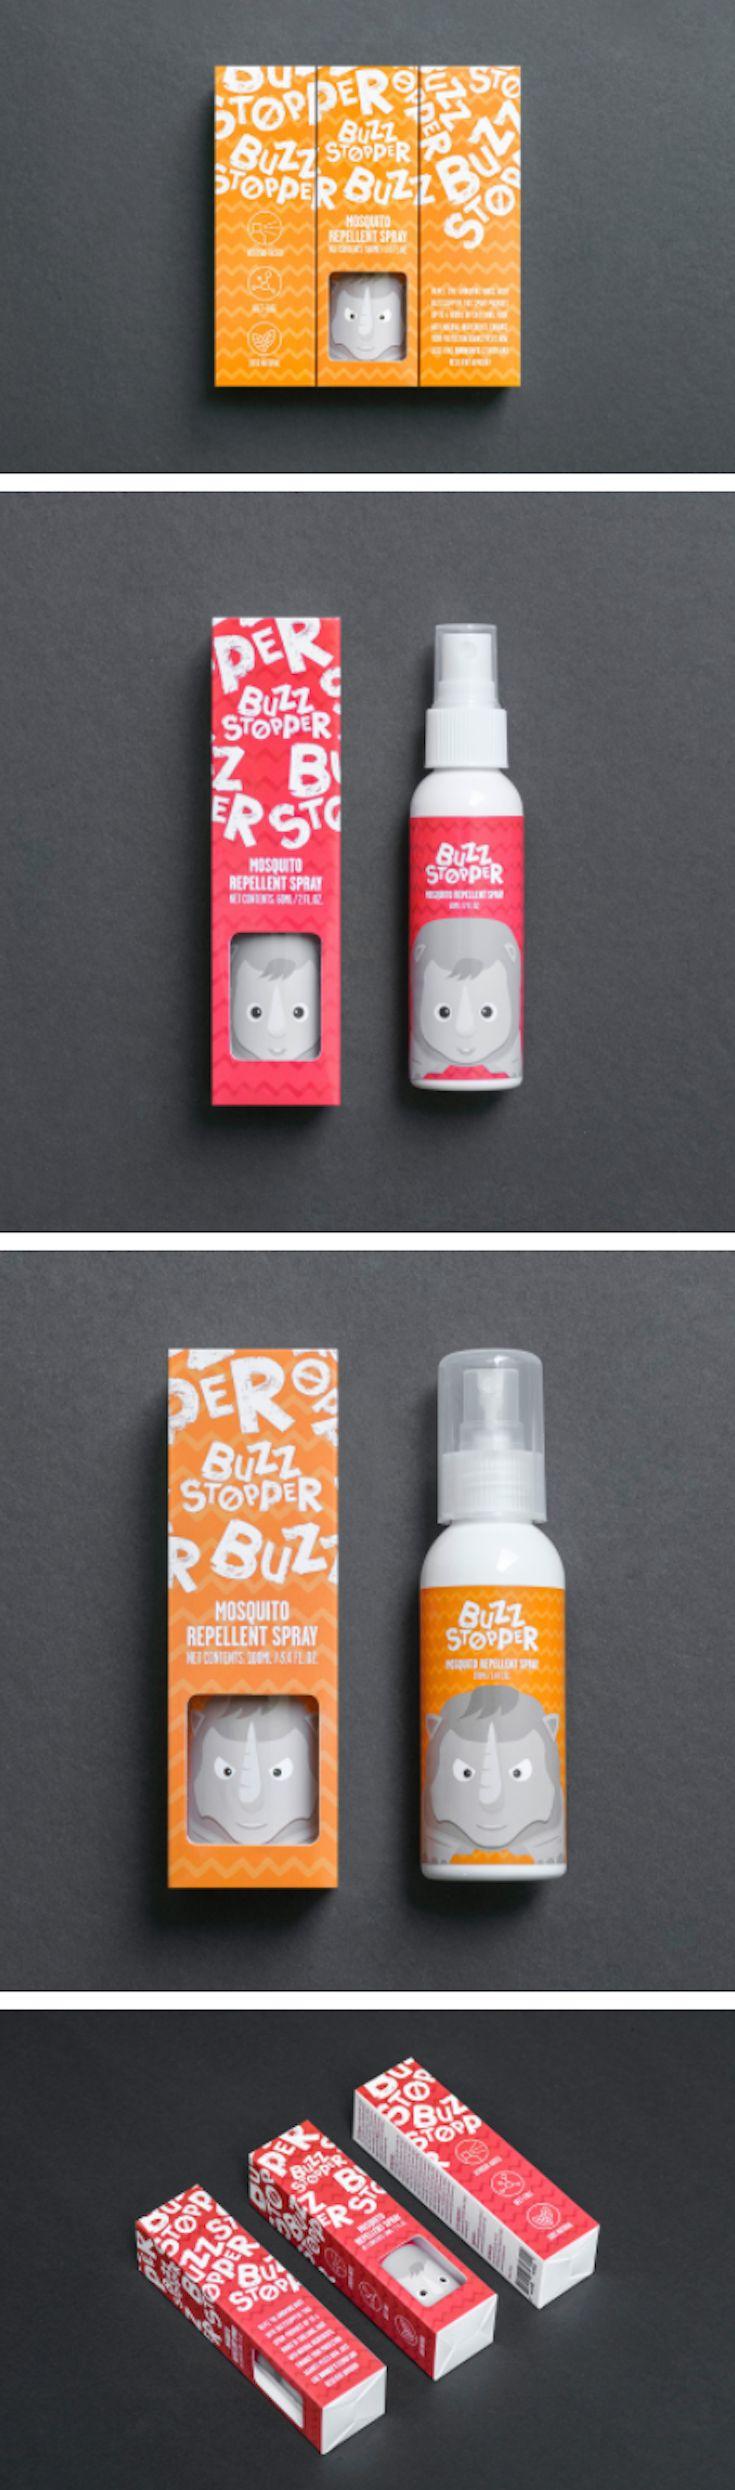 BuzzStopper spray packaging by Jay Liu